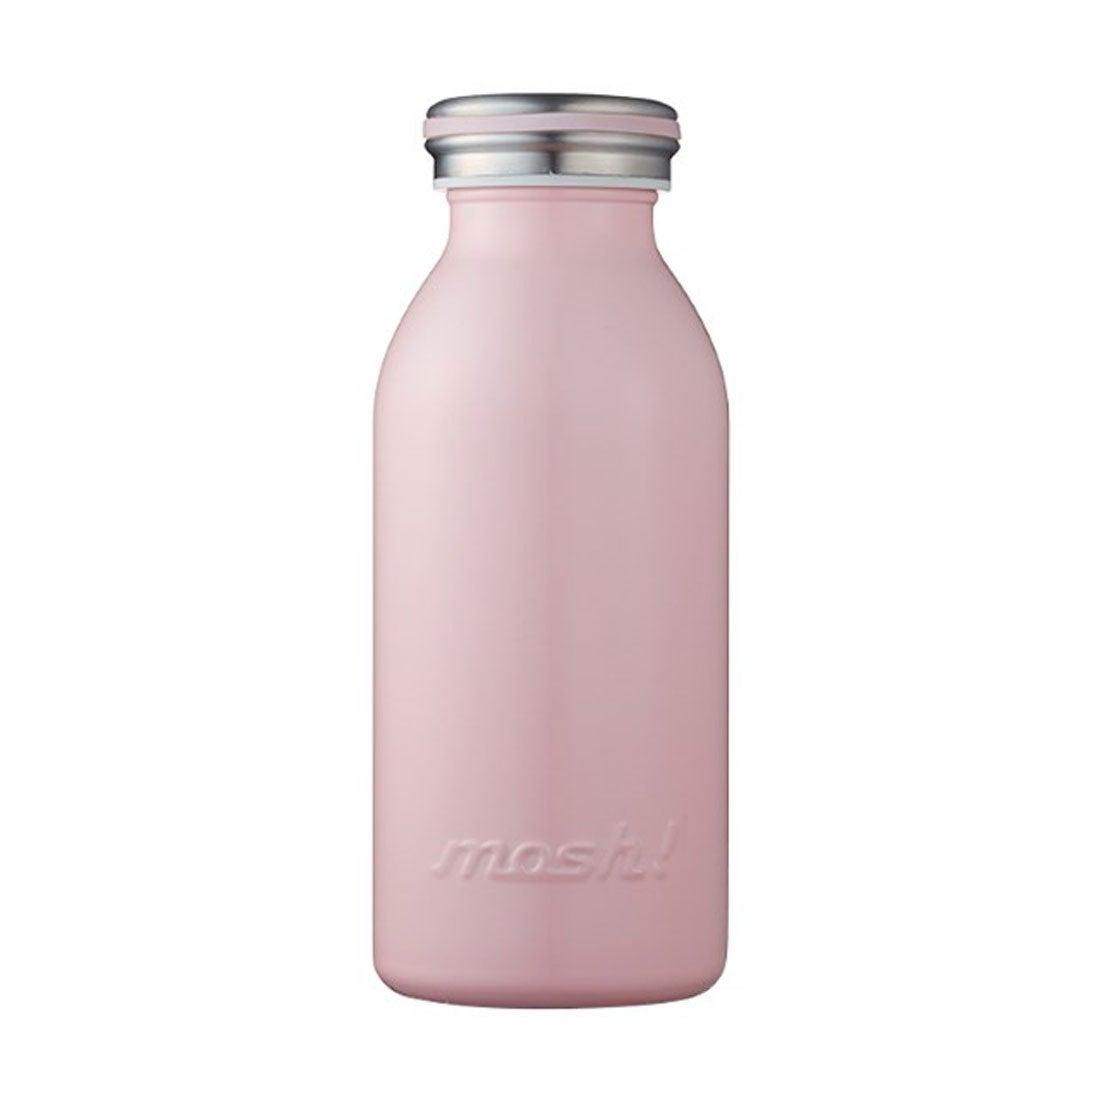 【SALE 44%OFF】ドウシシャ Doshisha 水筒 mosh!ボトル 350ml ピーチ 597088